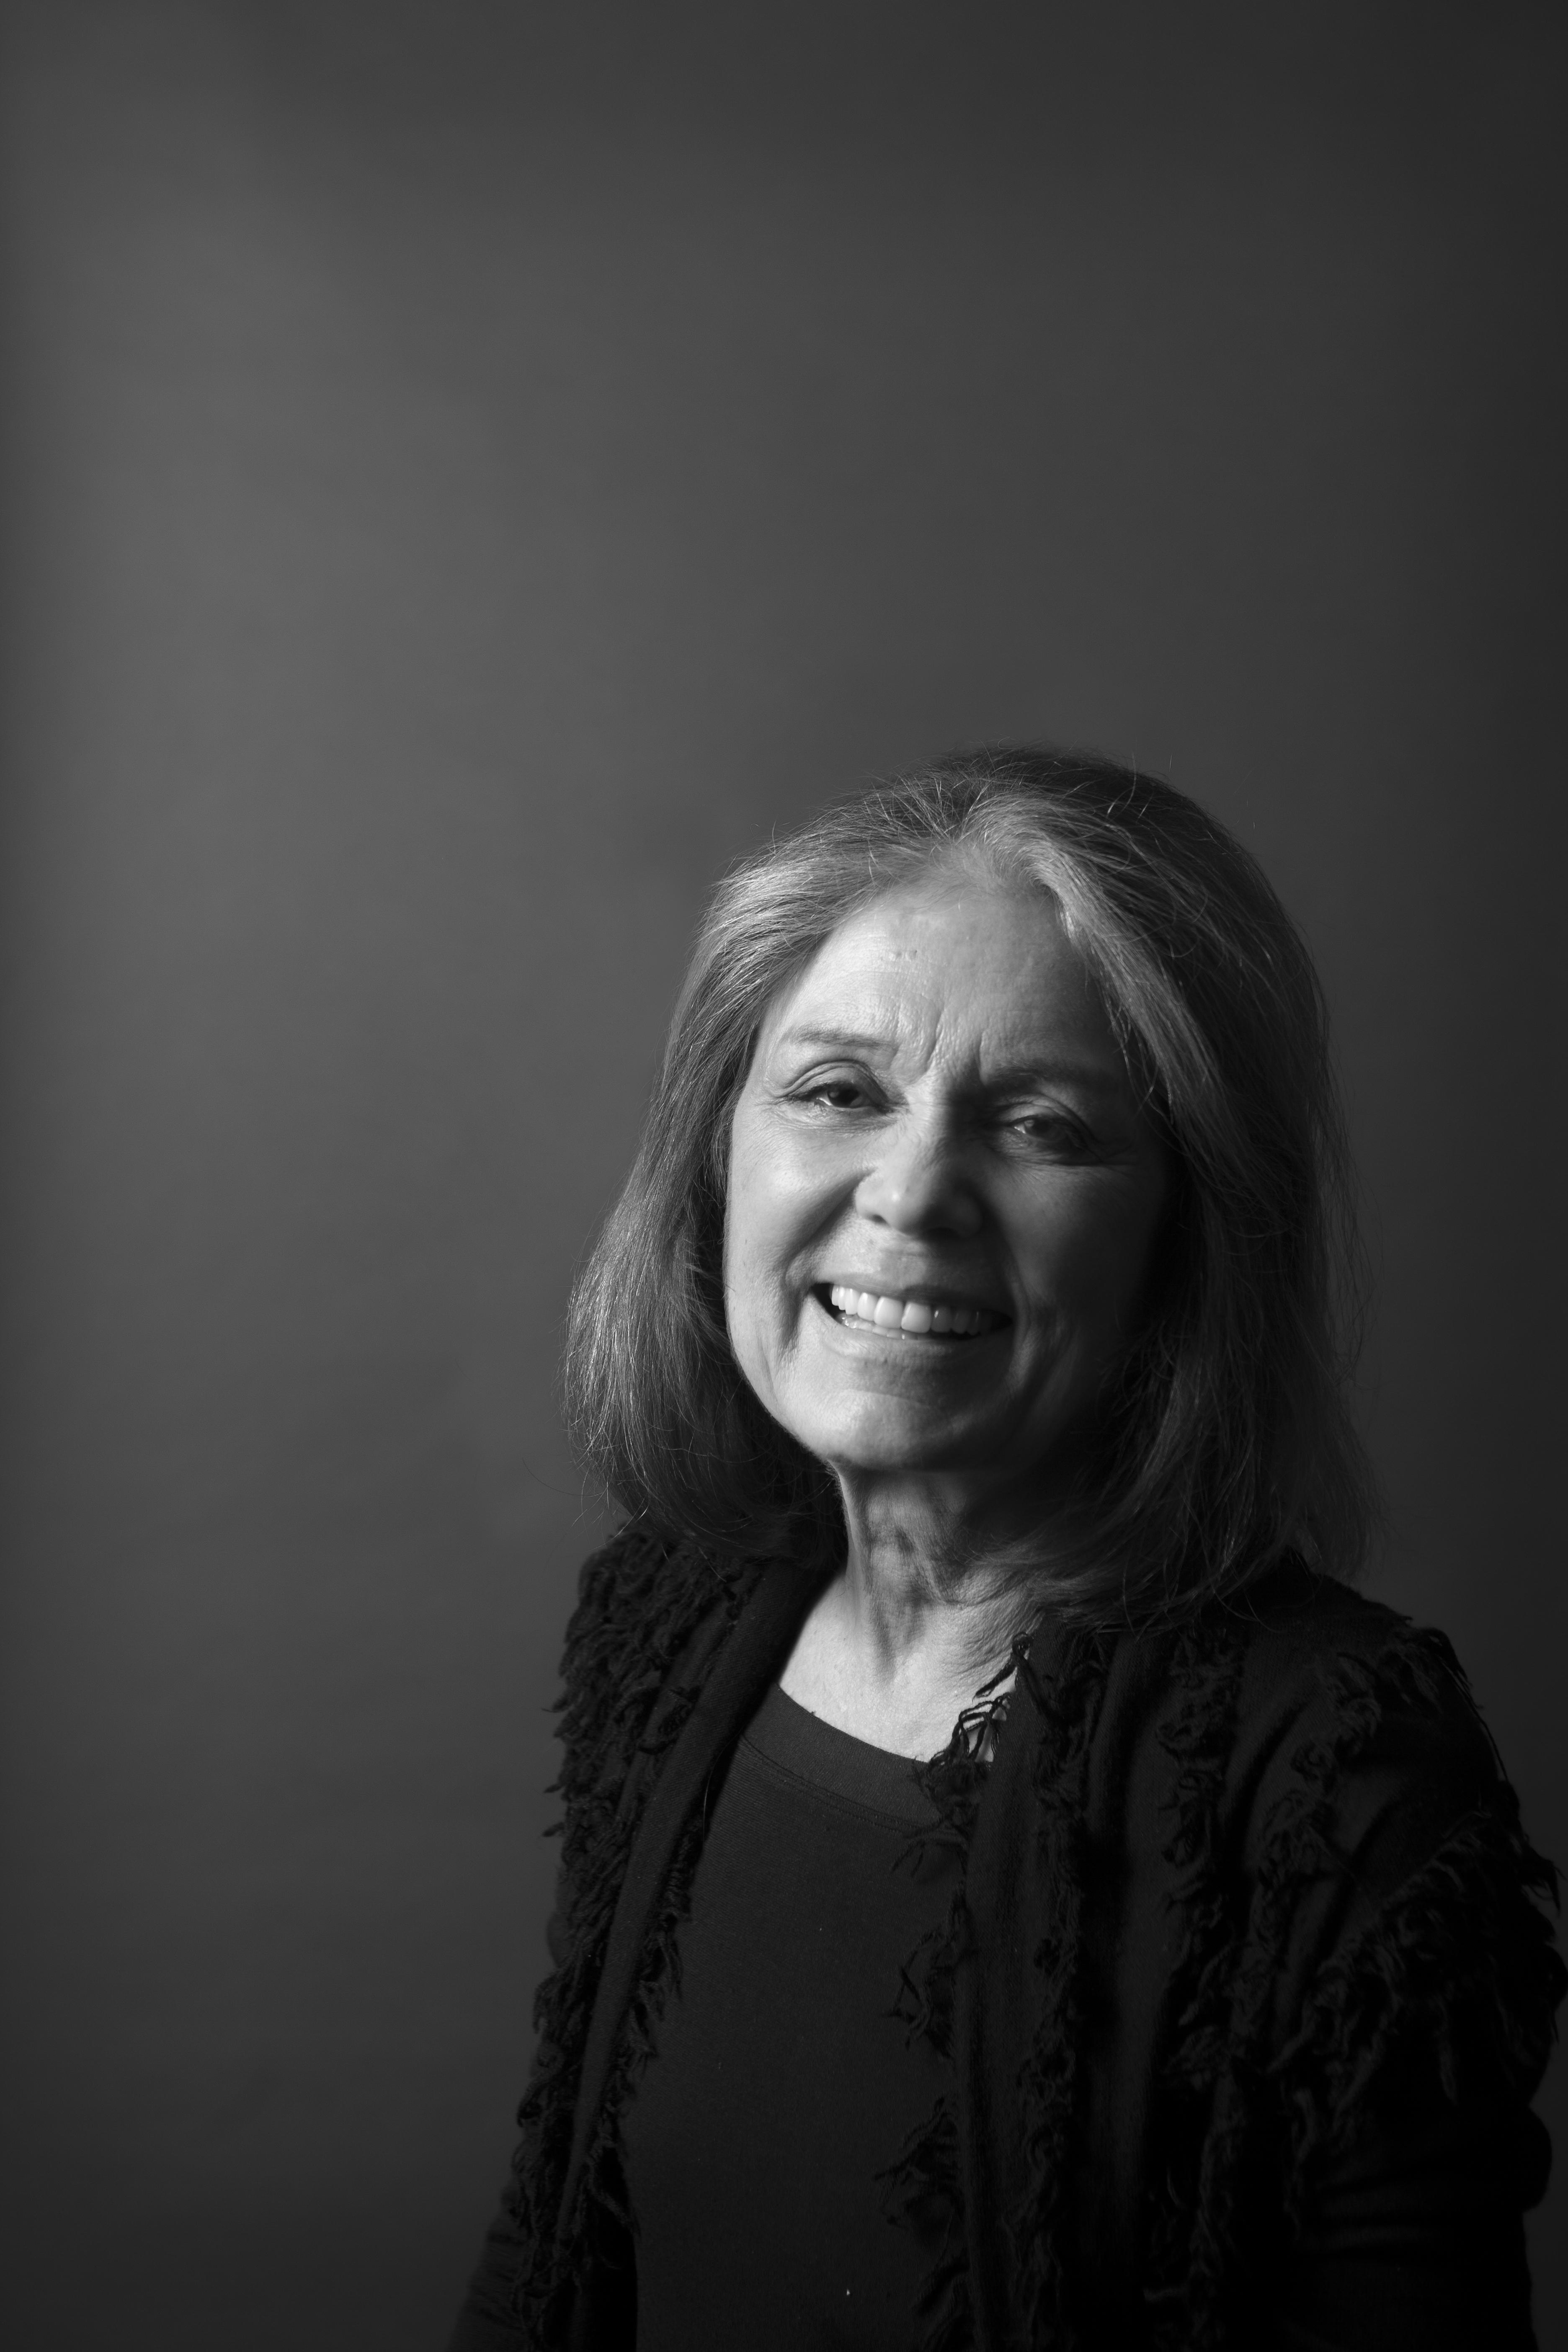 Gloria Steinem BW Portrait